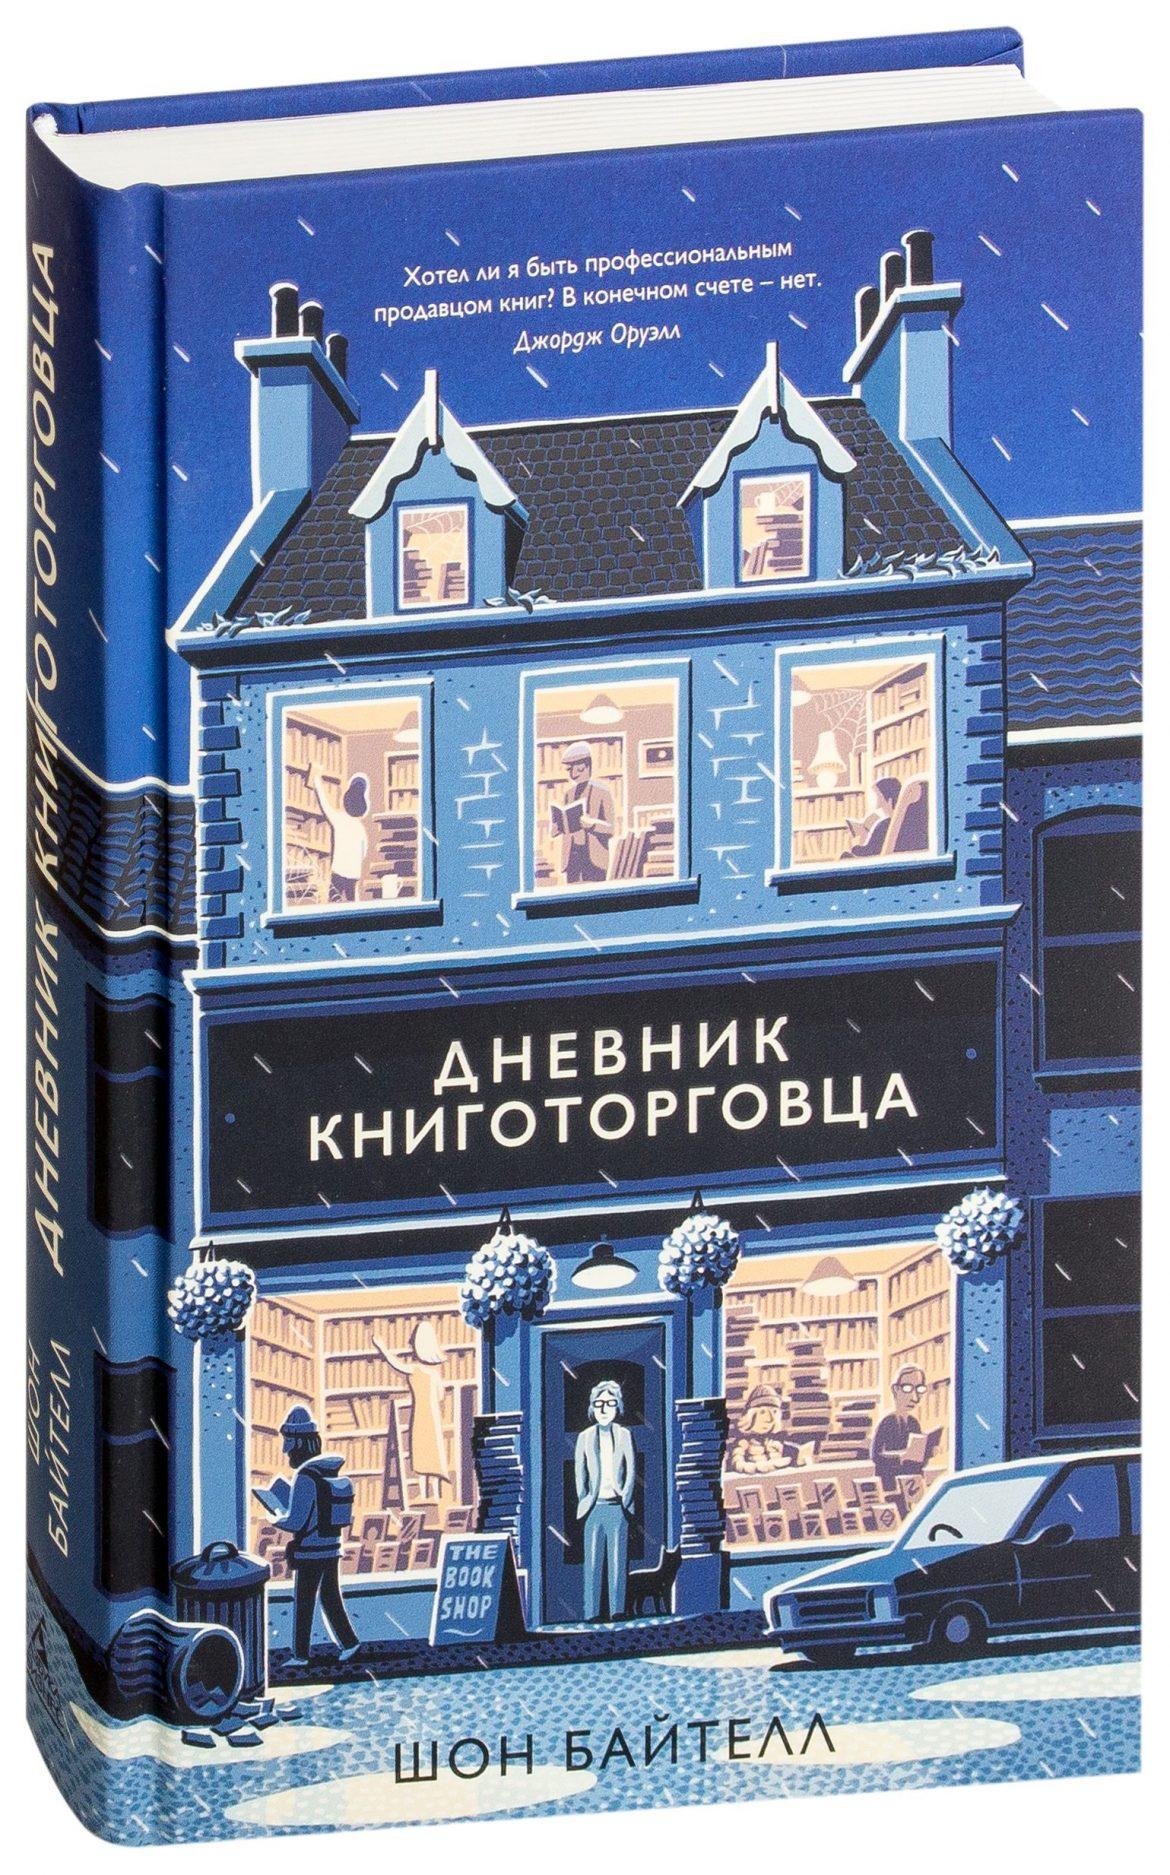 Дневник книготорговца — Шон Байтелл